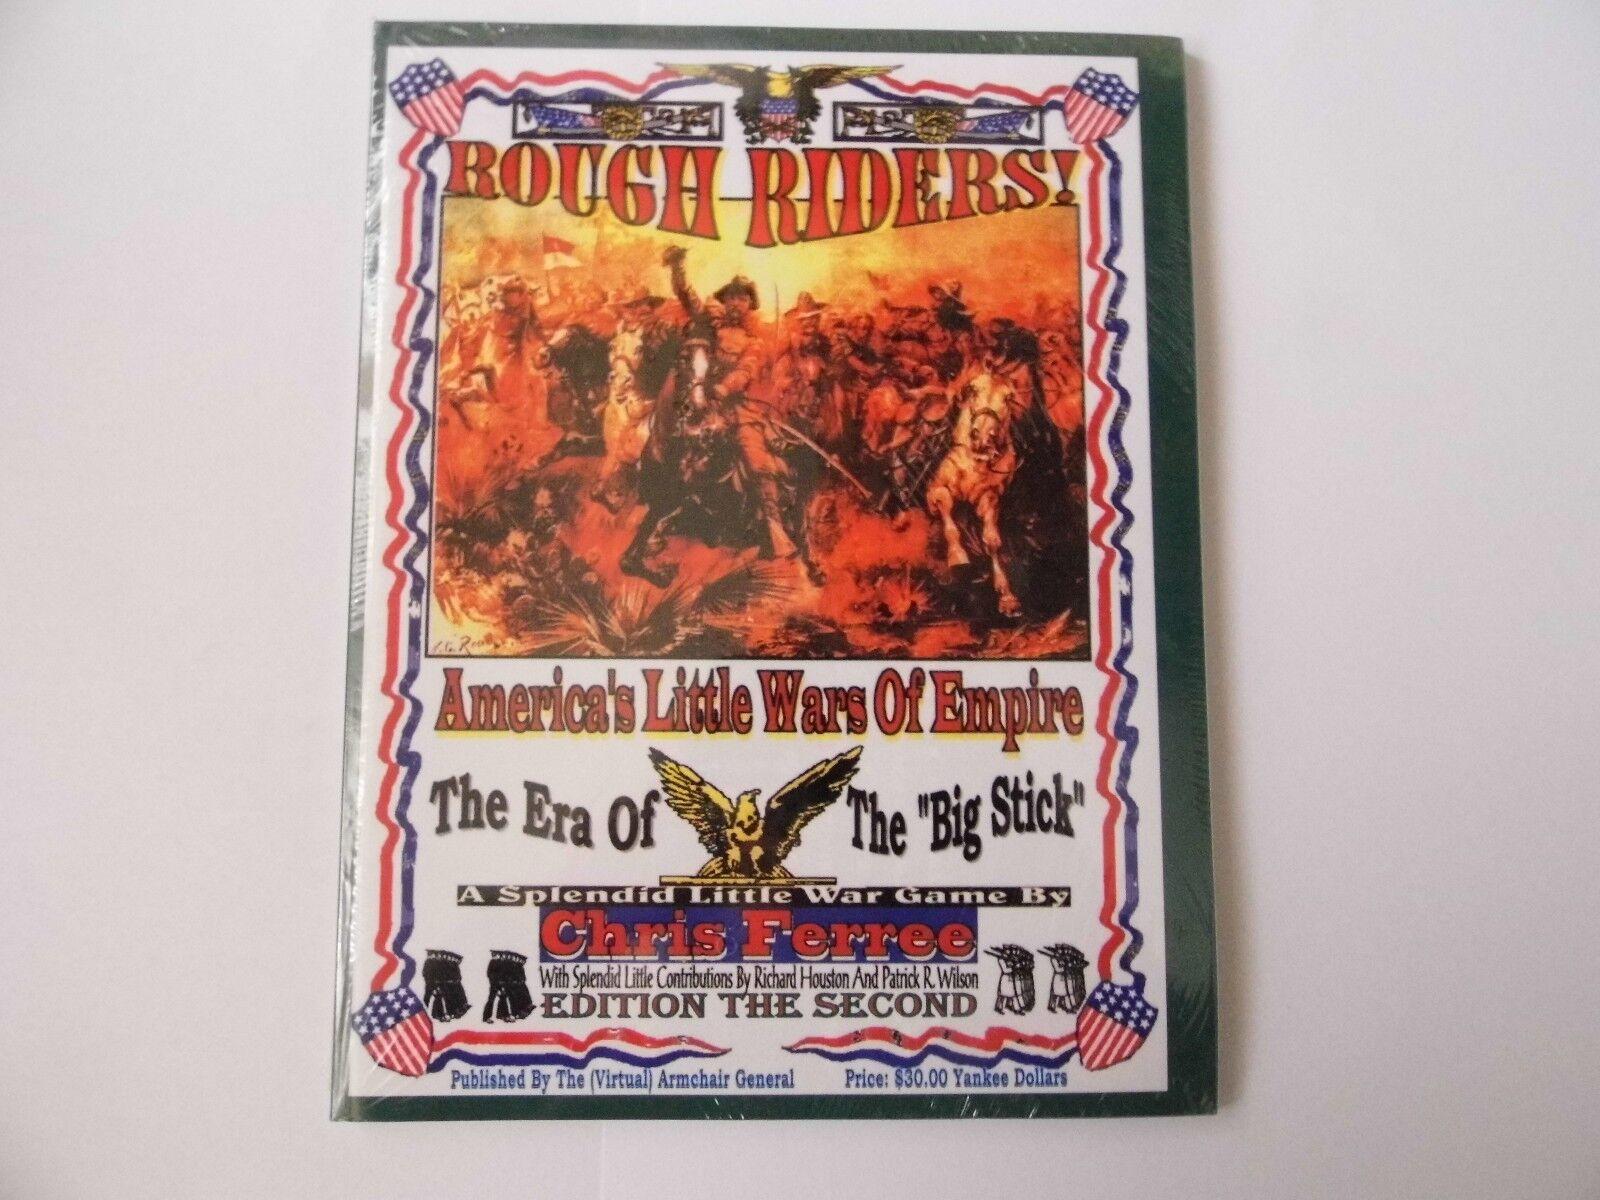 ROUGH RIDERS Edición Edición Edición The Second - Wargames RULES - Nuevo Sellado 67b673